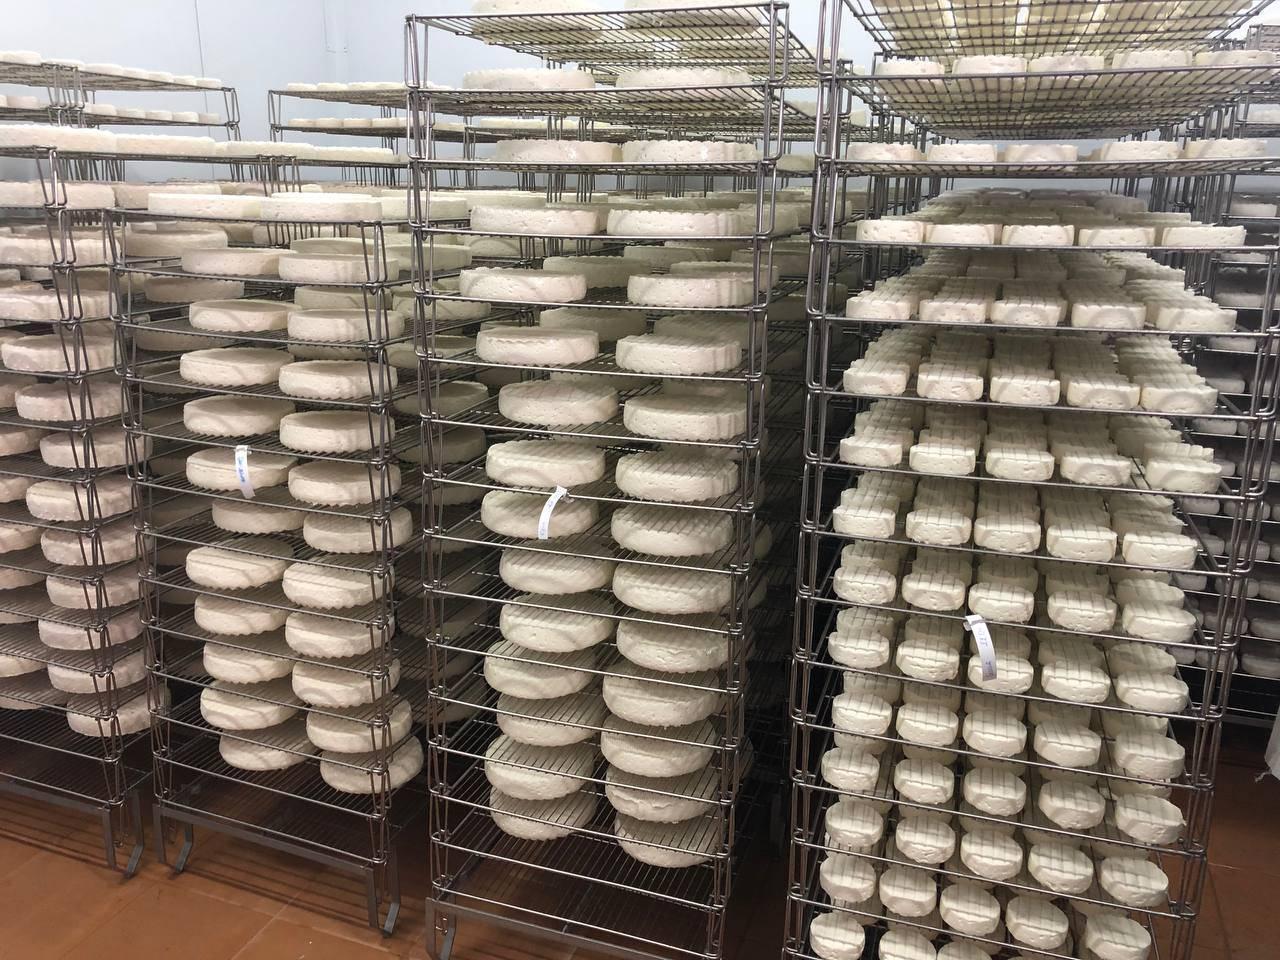 Порядка тысячи тонн продукции в год будут производить на новой сыроварне в Чеховском округе | Изображение 2